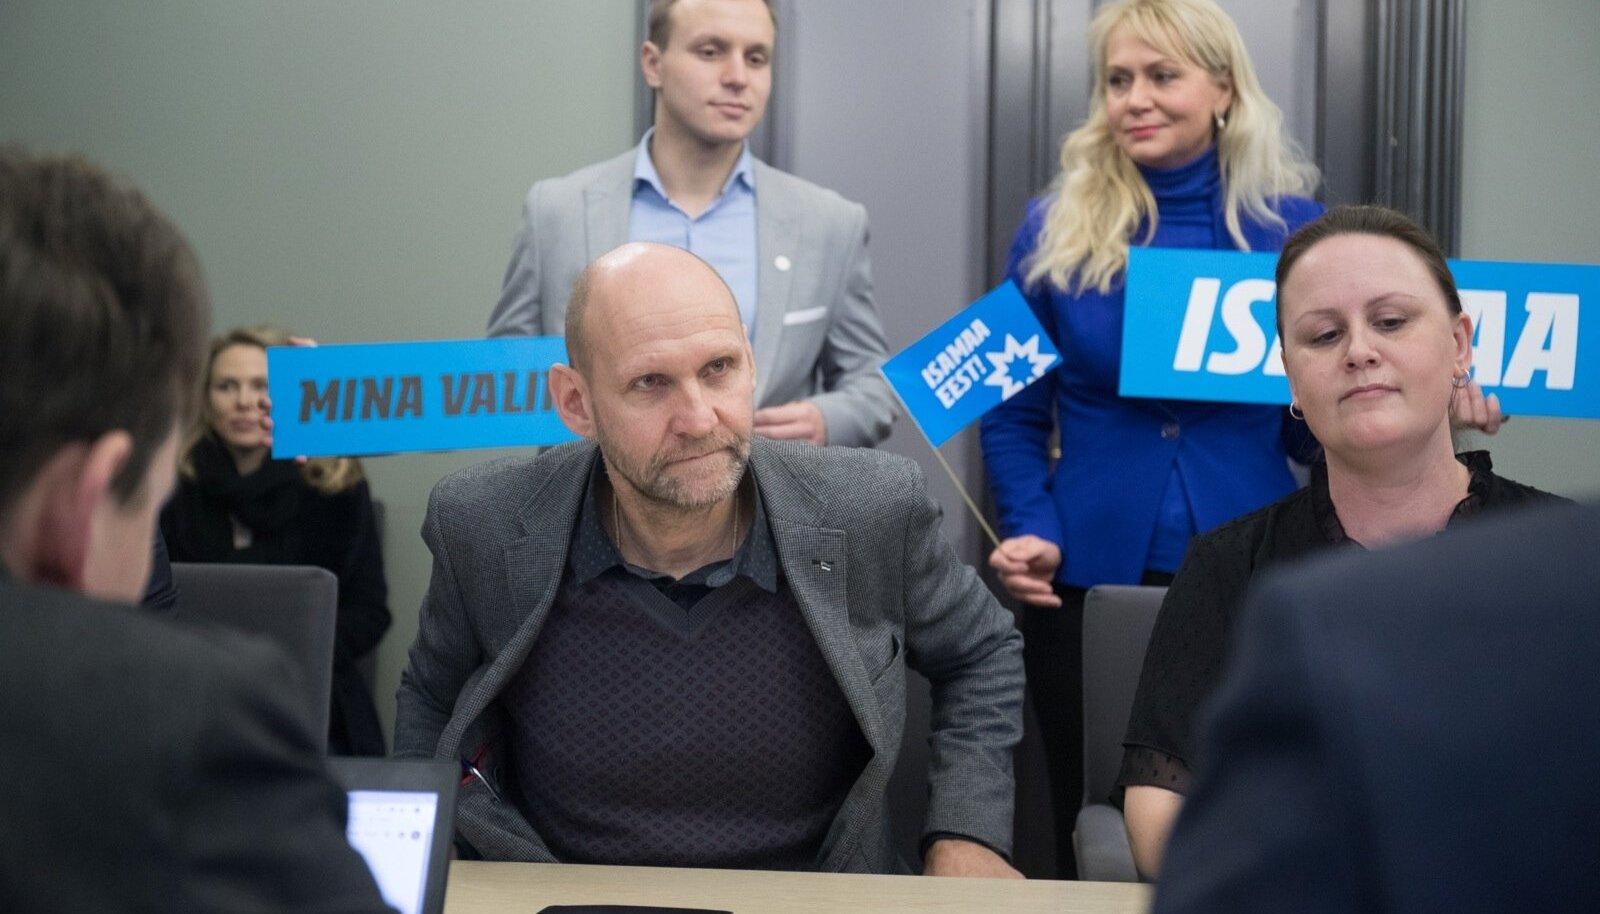 Isamaa esimees Helir-Valdor Seeder (keskel) ütles, et koalitsiooni moodustamiseks on seni teinud konkreetse ettepaneku ainult Reformierakond.